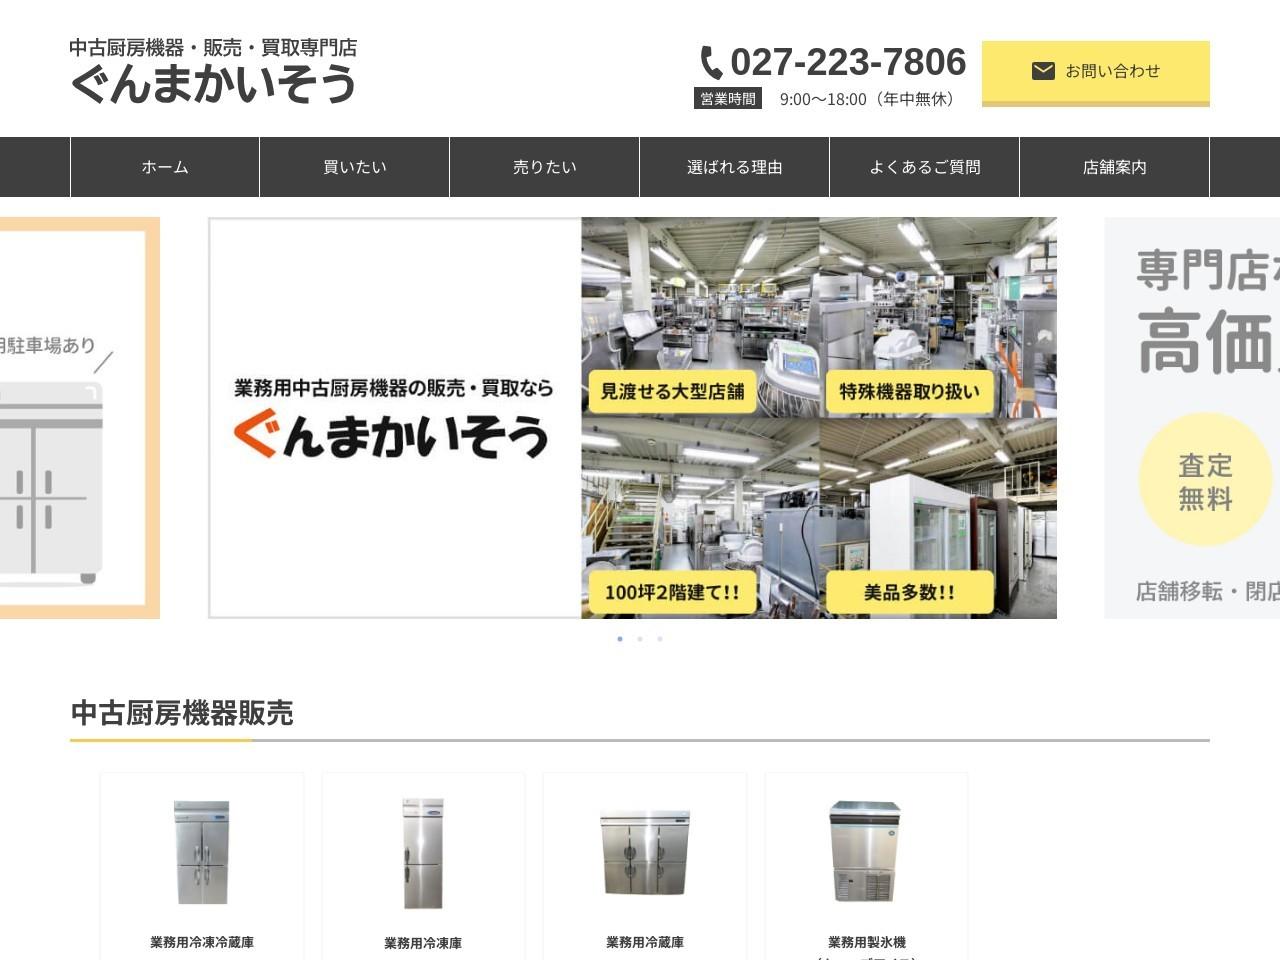 中古厨房機器販売・買取専門店【ぐんまかいそう】